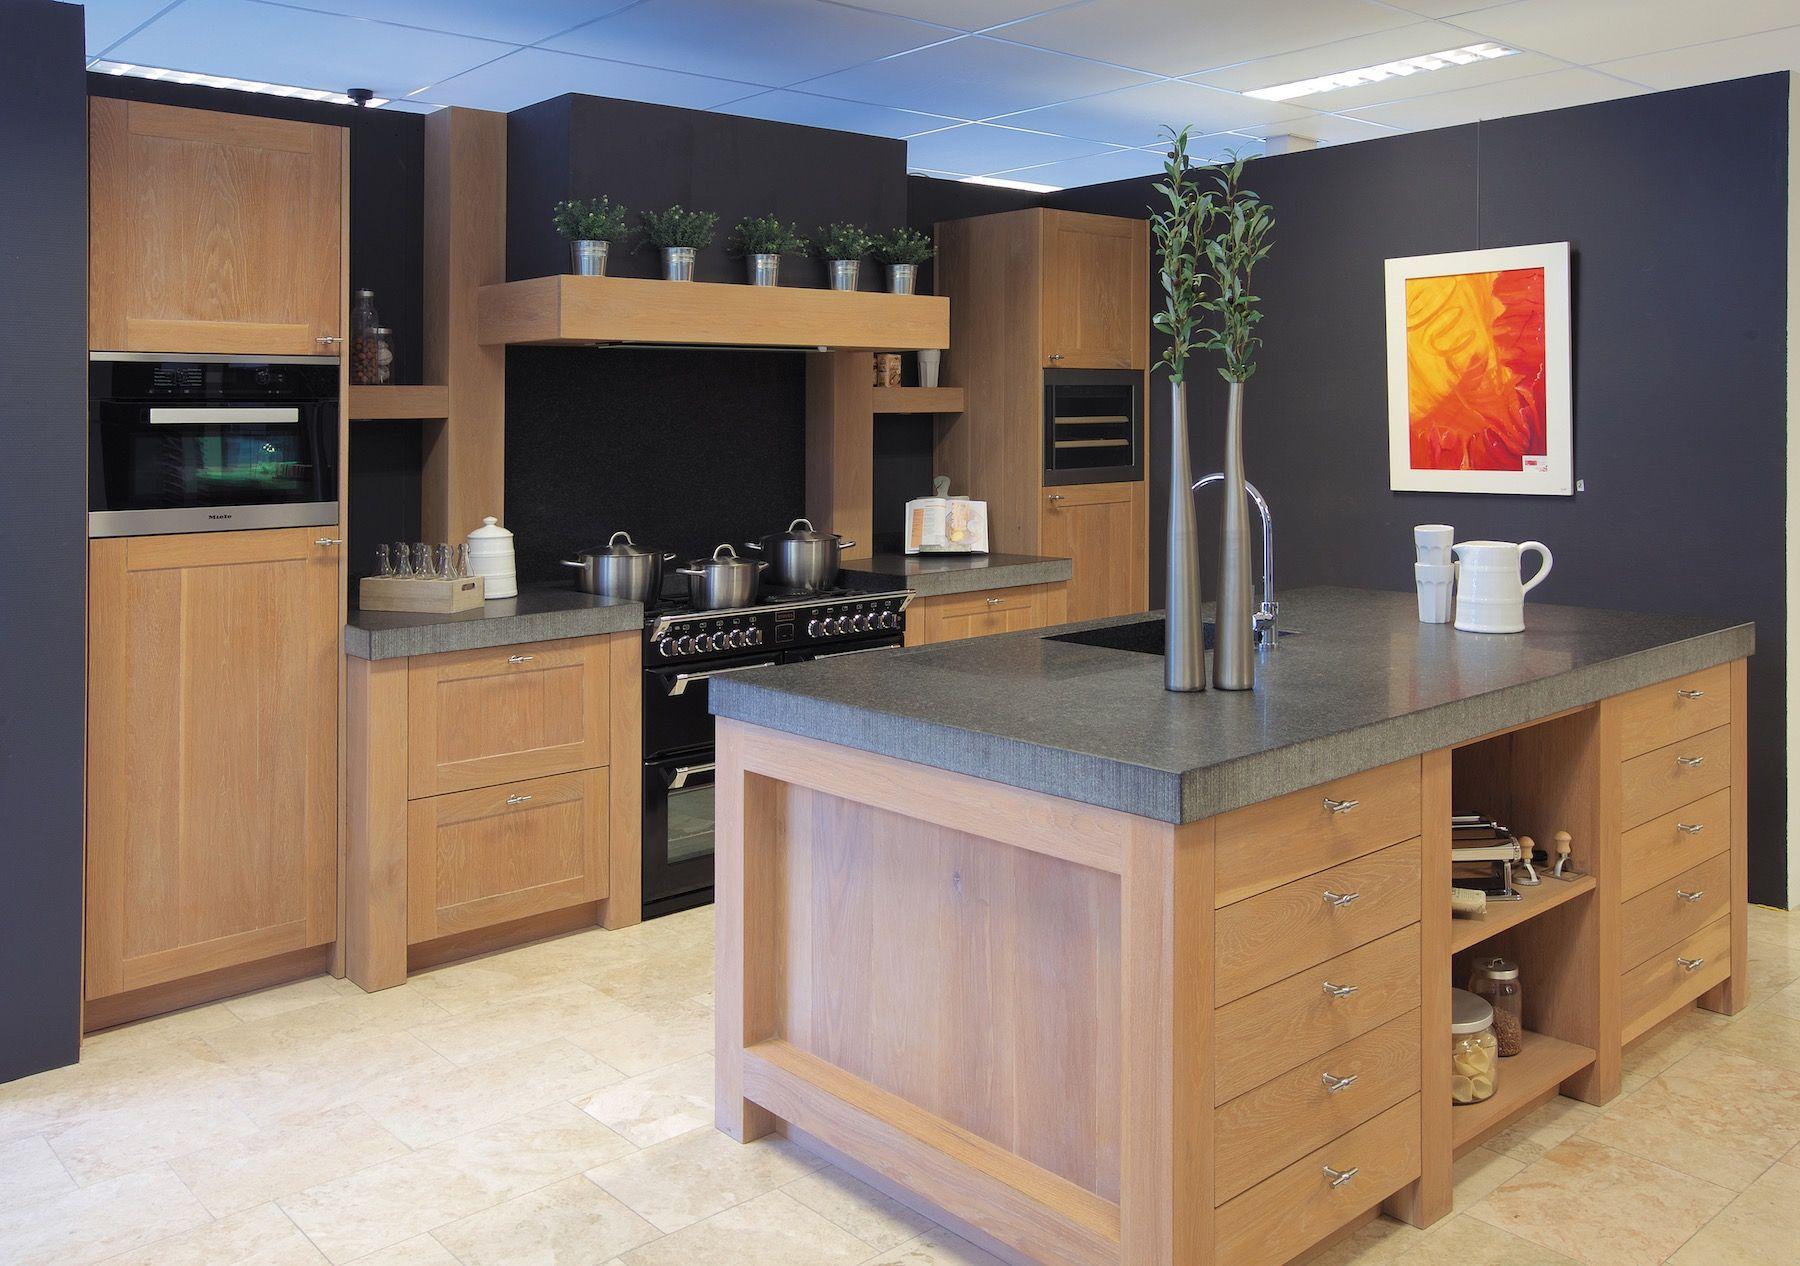 Topkwaliteit maatwerk keukens van Van Slageren uit Schagen